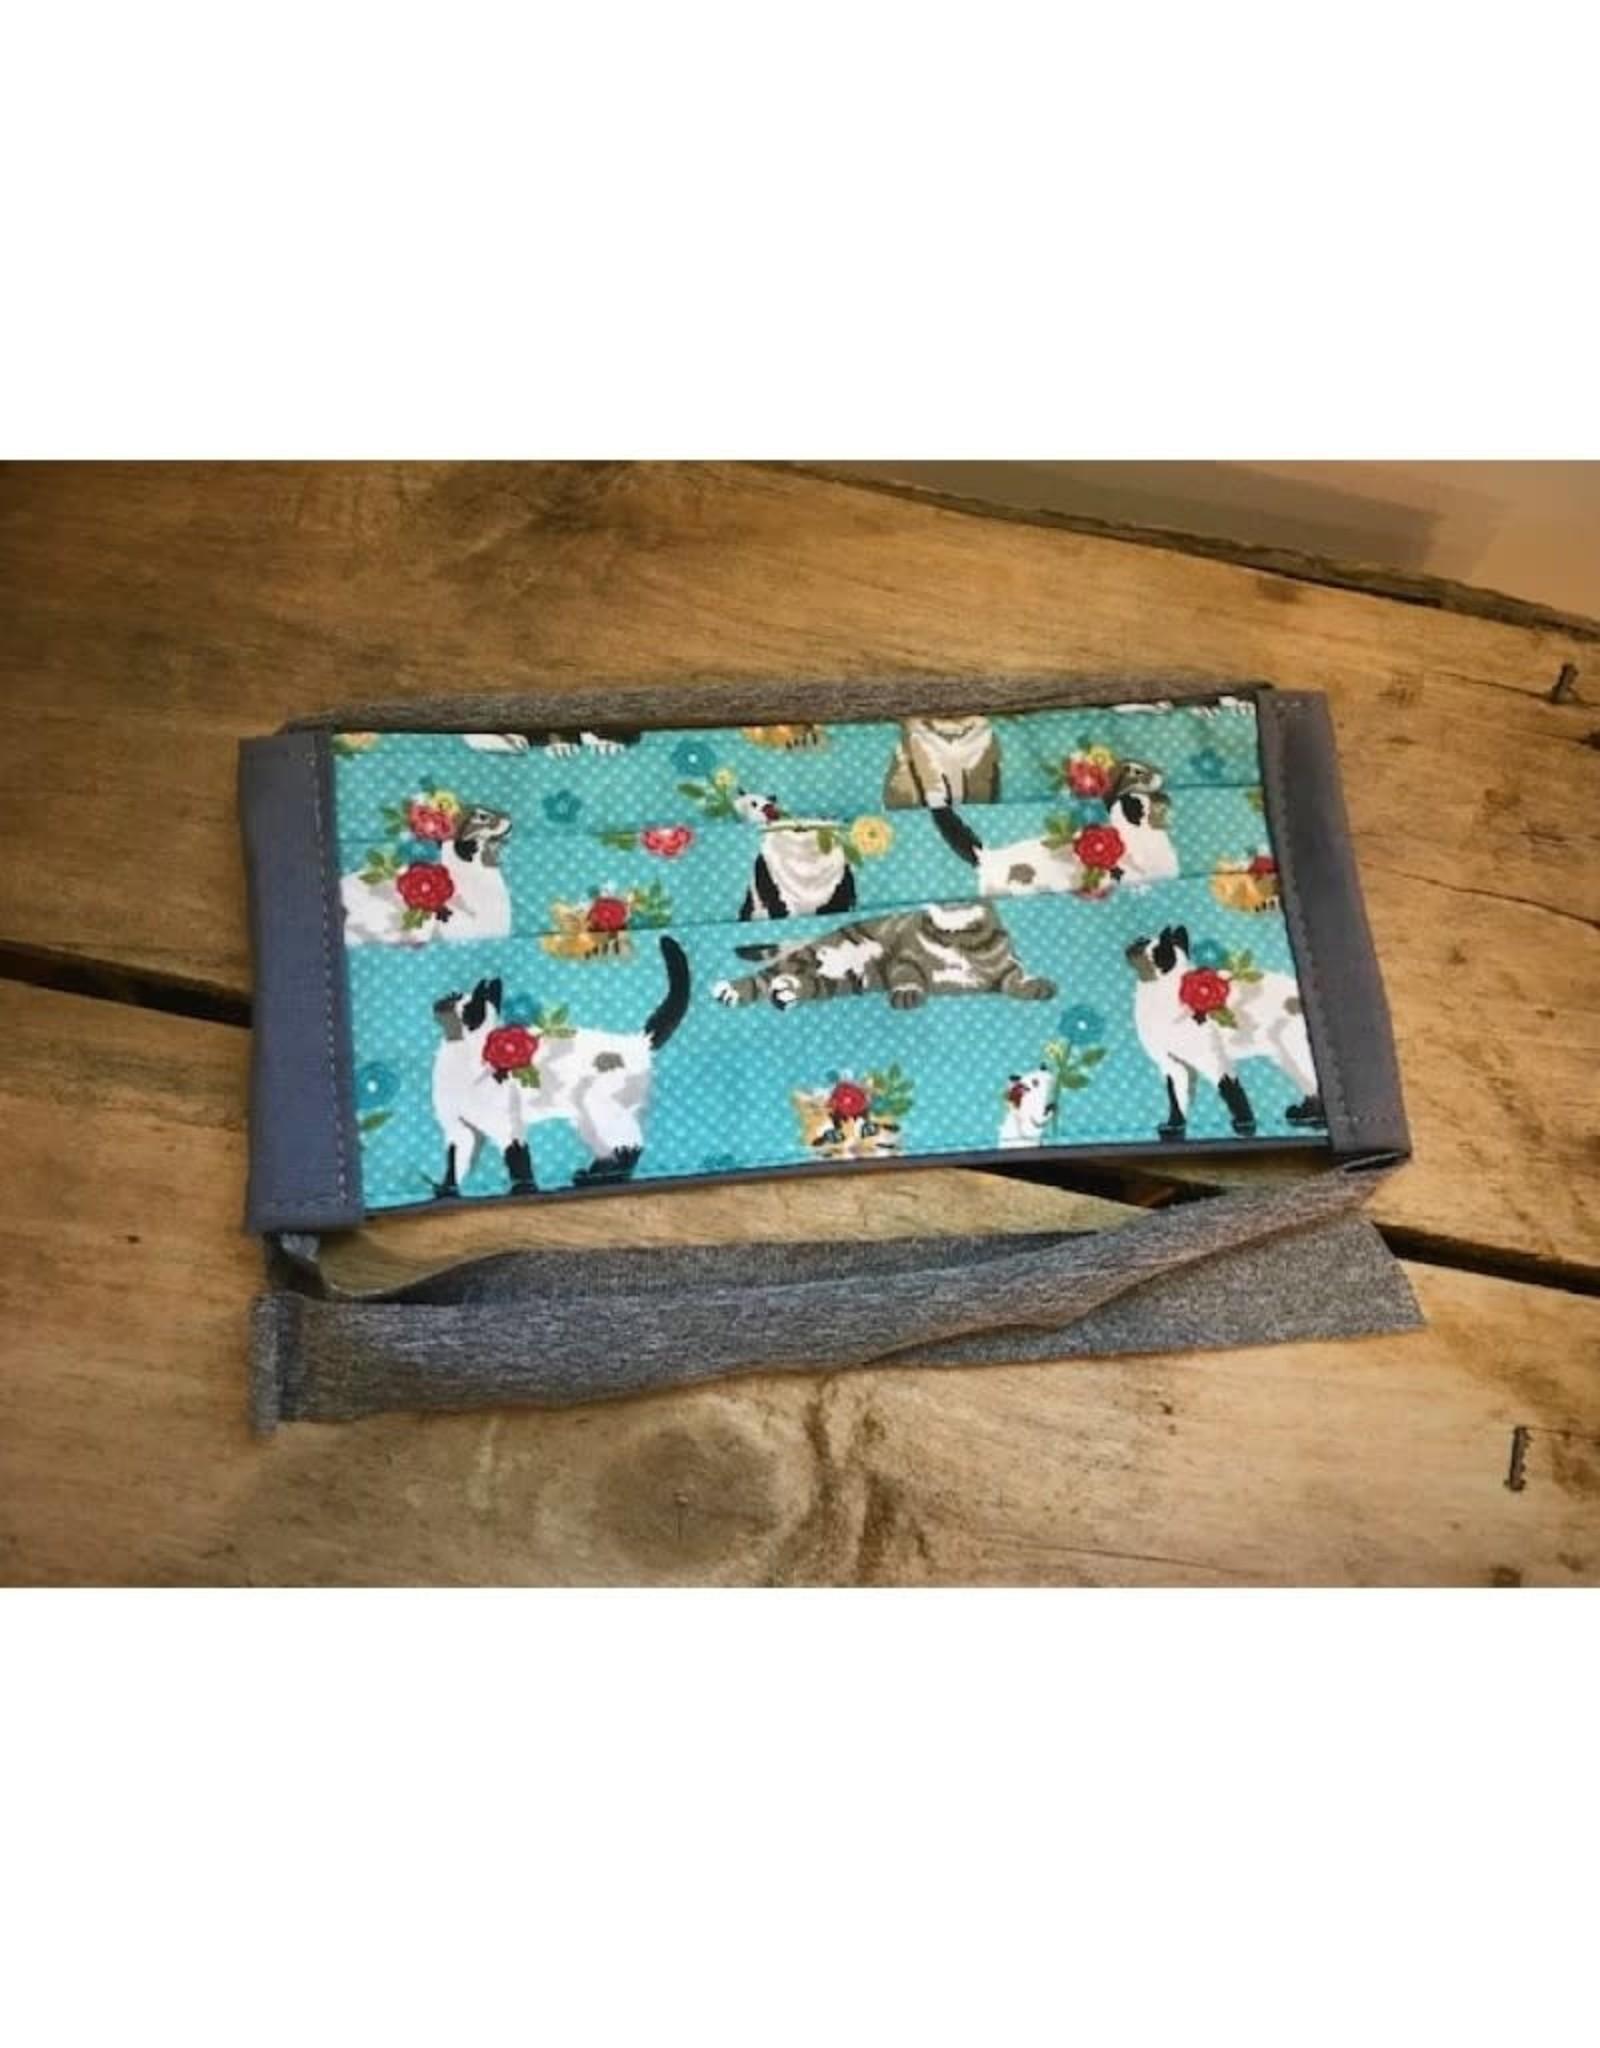 Bear Den Handmade Cotton Mask - Cats & Flowers